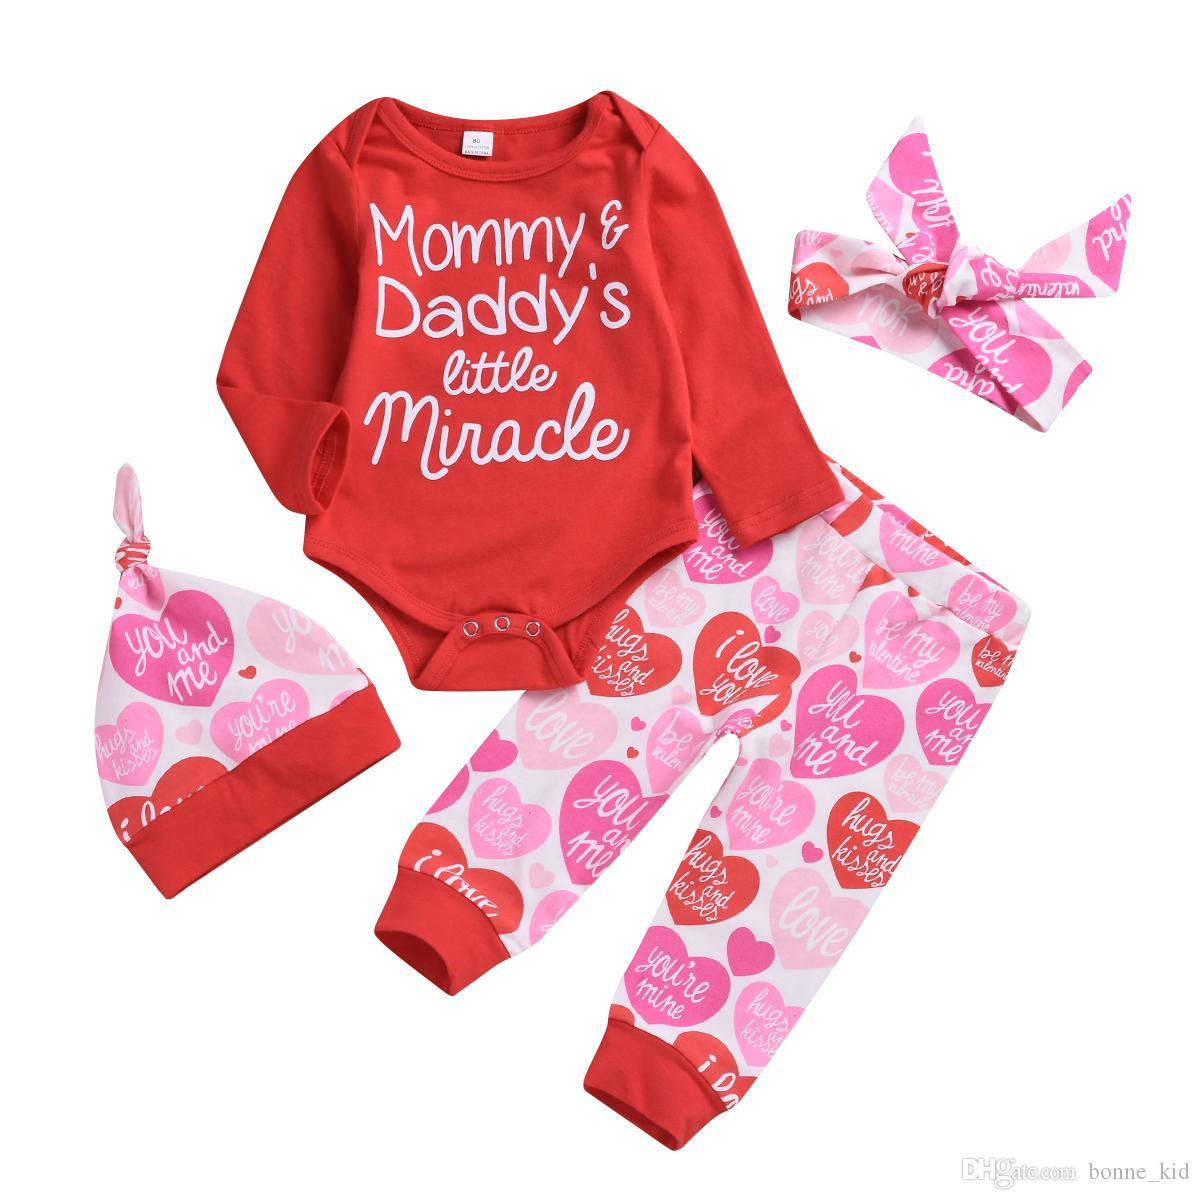 79cc0116f5c66 Compre Día De San Valentín Ropa Para Bebé Niña Peleles + Pantalones + Gorro  + Diadema Conjunto De 4 Piezas Mamá Y Papá El Pequeño Milagro Para Bebé Ropa  ...